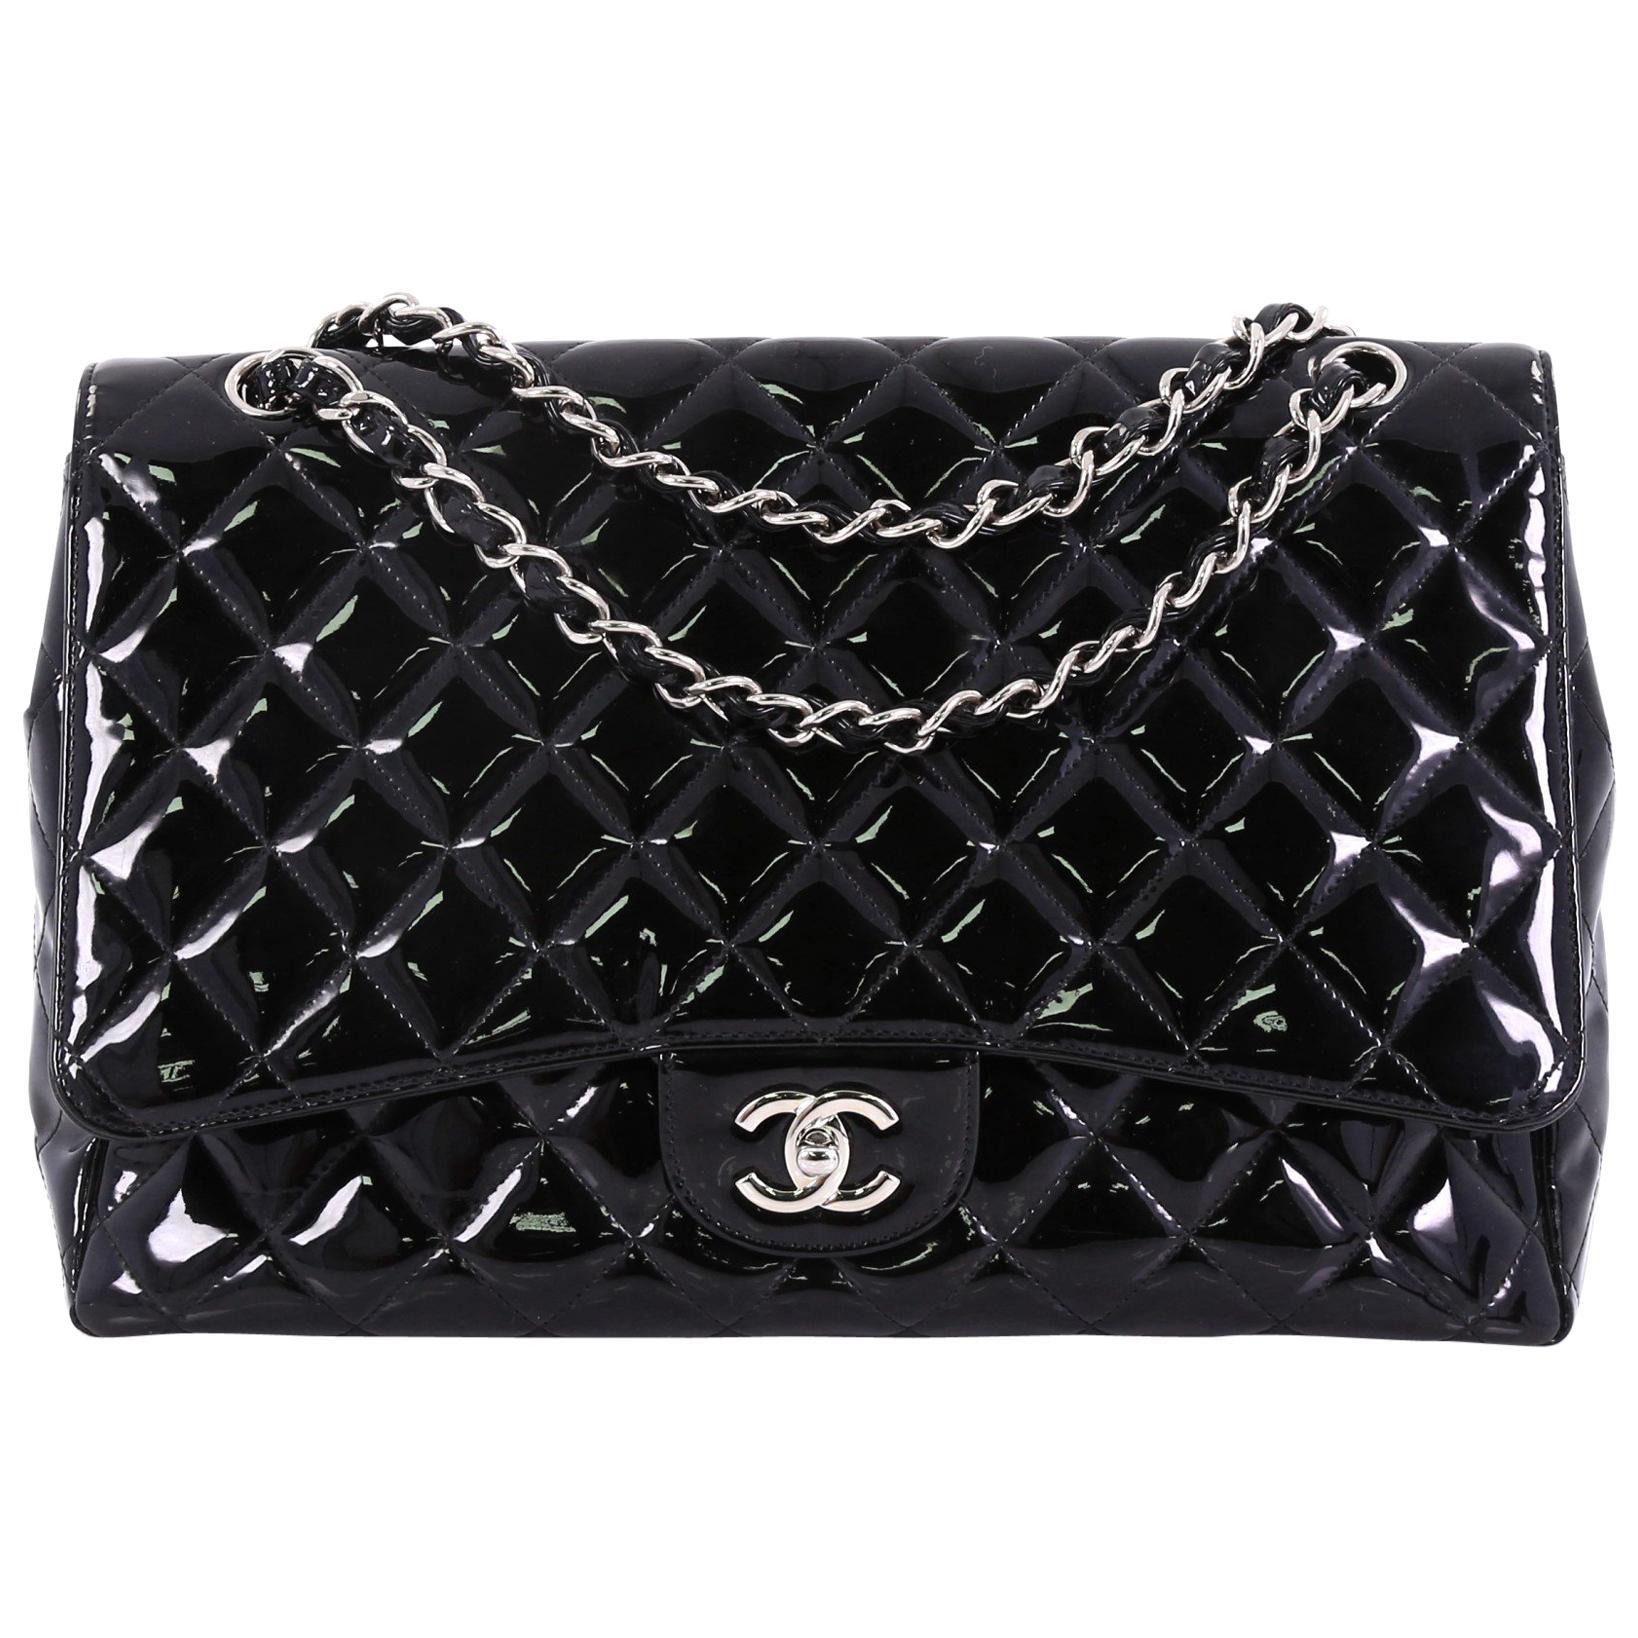 5043ae6b8b16 Black Leather Purses - 9559 For Sale on 1stdibs